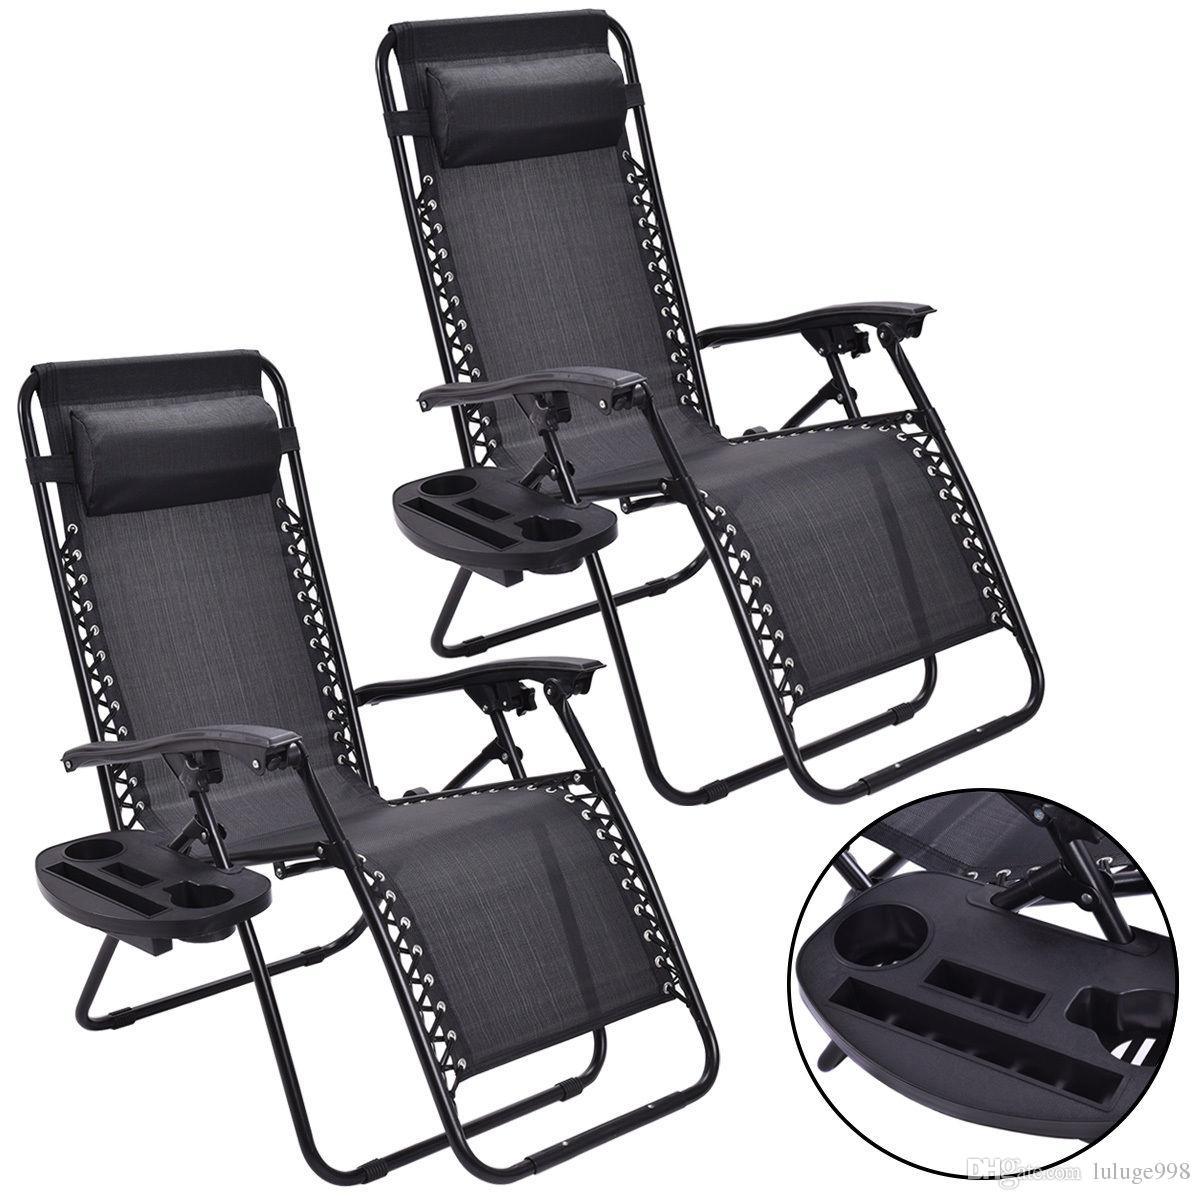 2PC Zero Gravity Chaises Lounge Patio pliant extérieur Noir Recliner W / Porte-gobelet